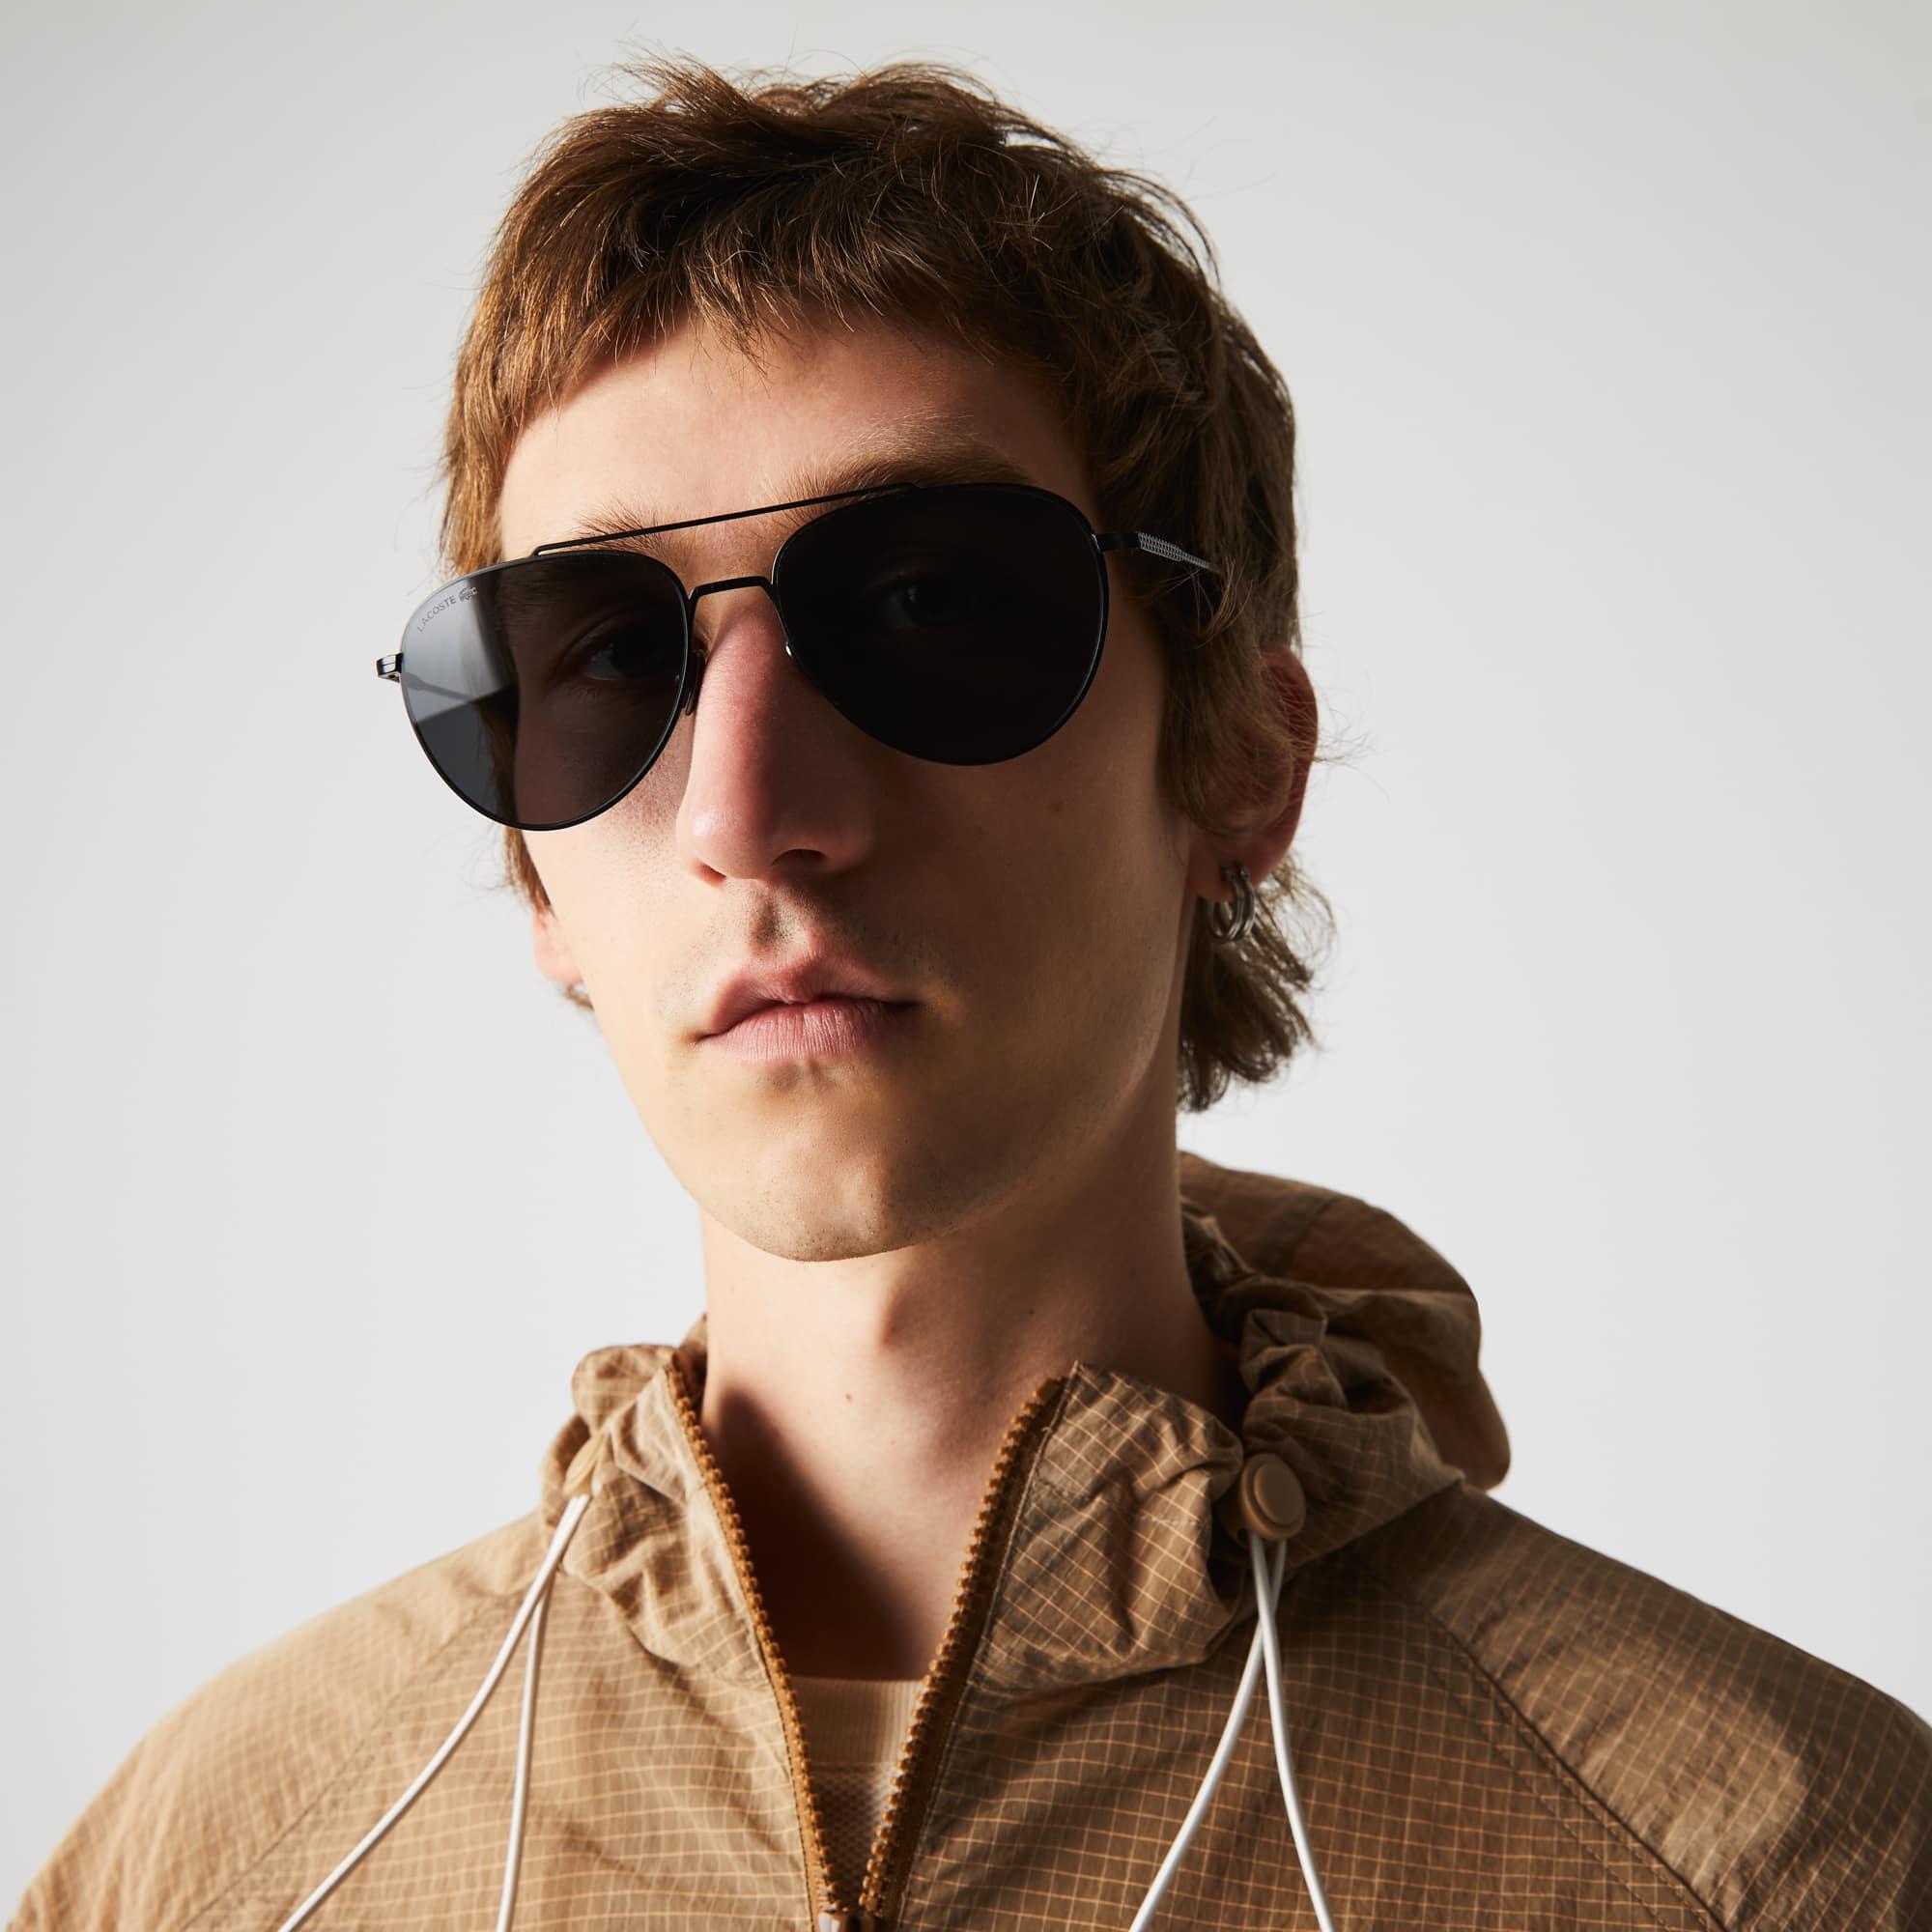 Gafas De Sol Unisex De Petit Piqué Con Montura Metálica